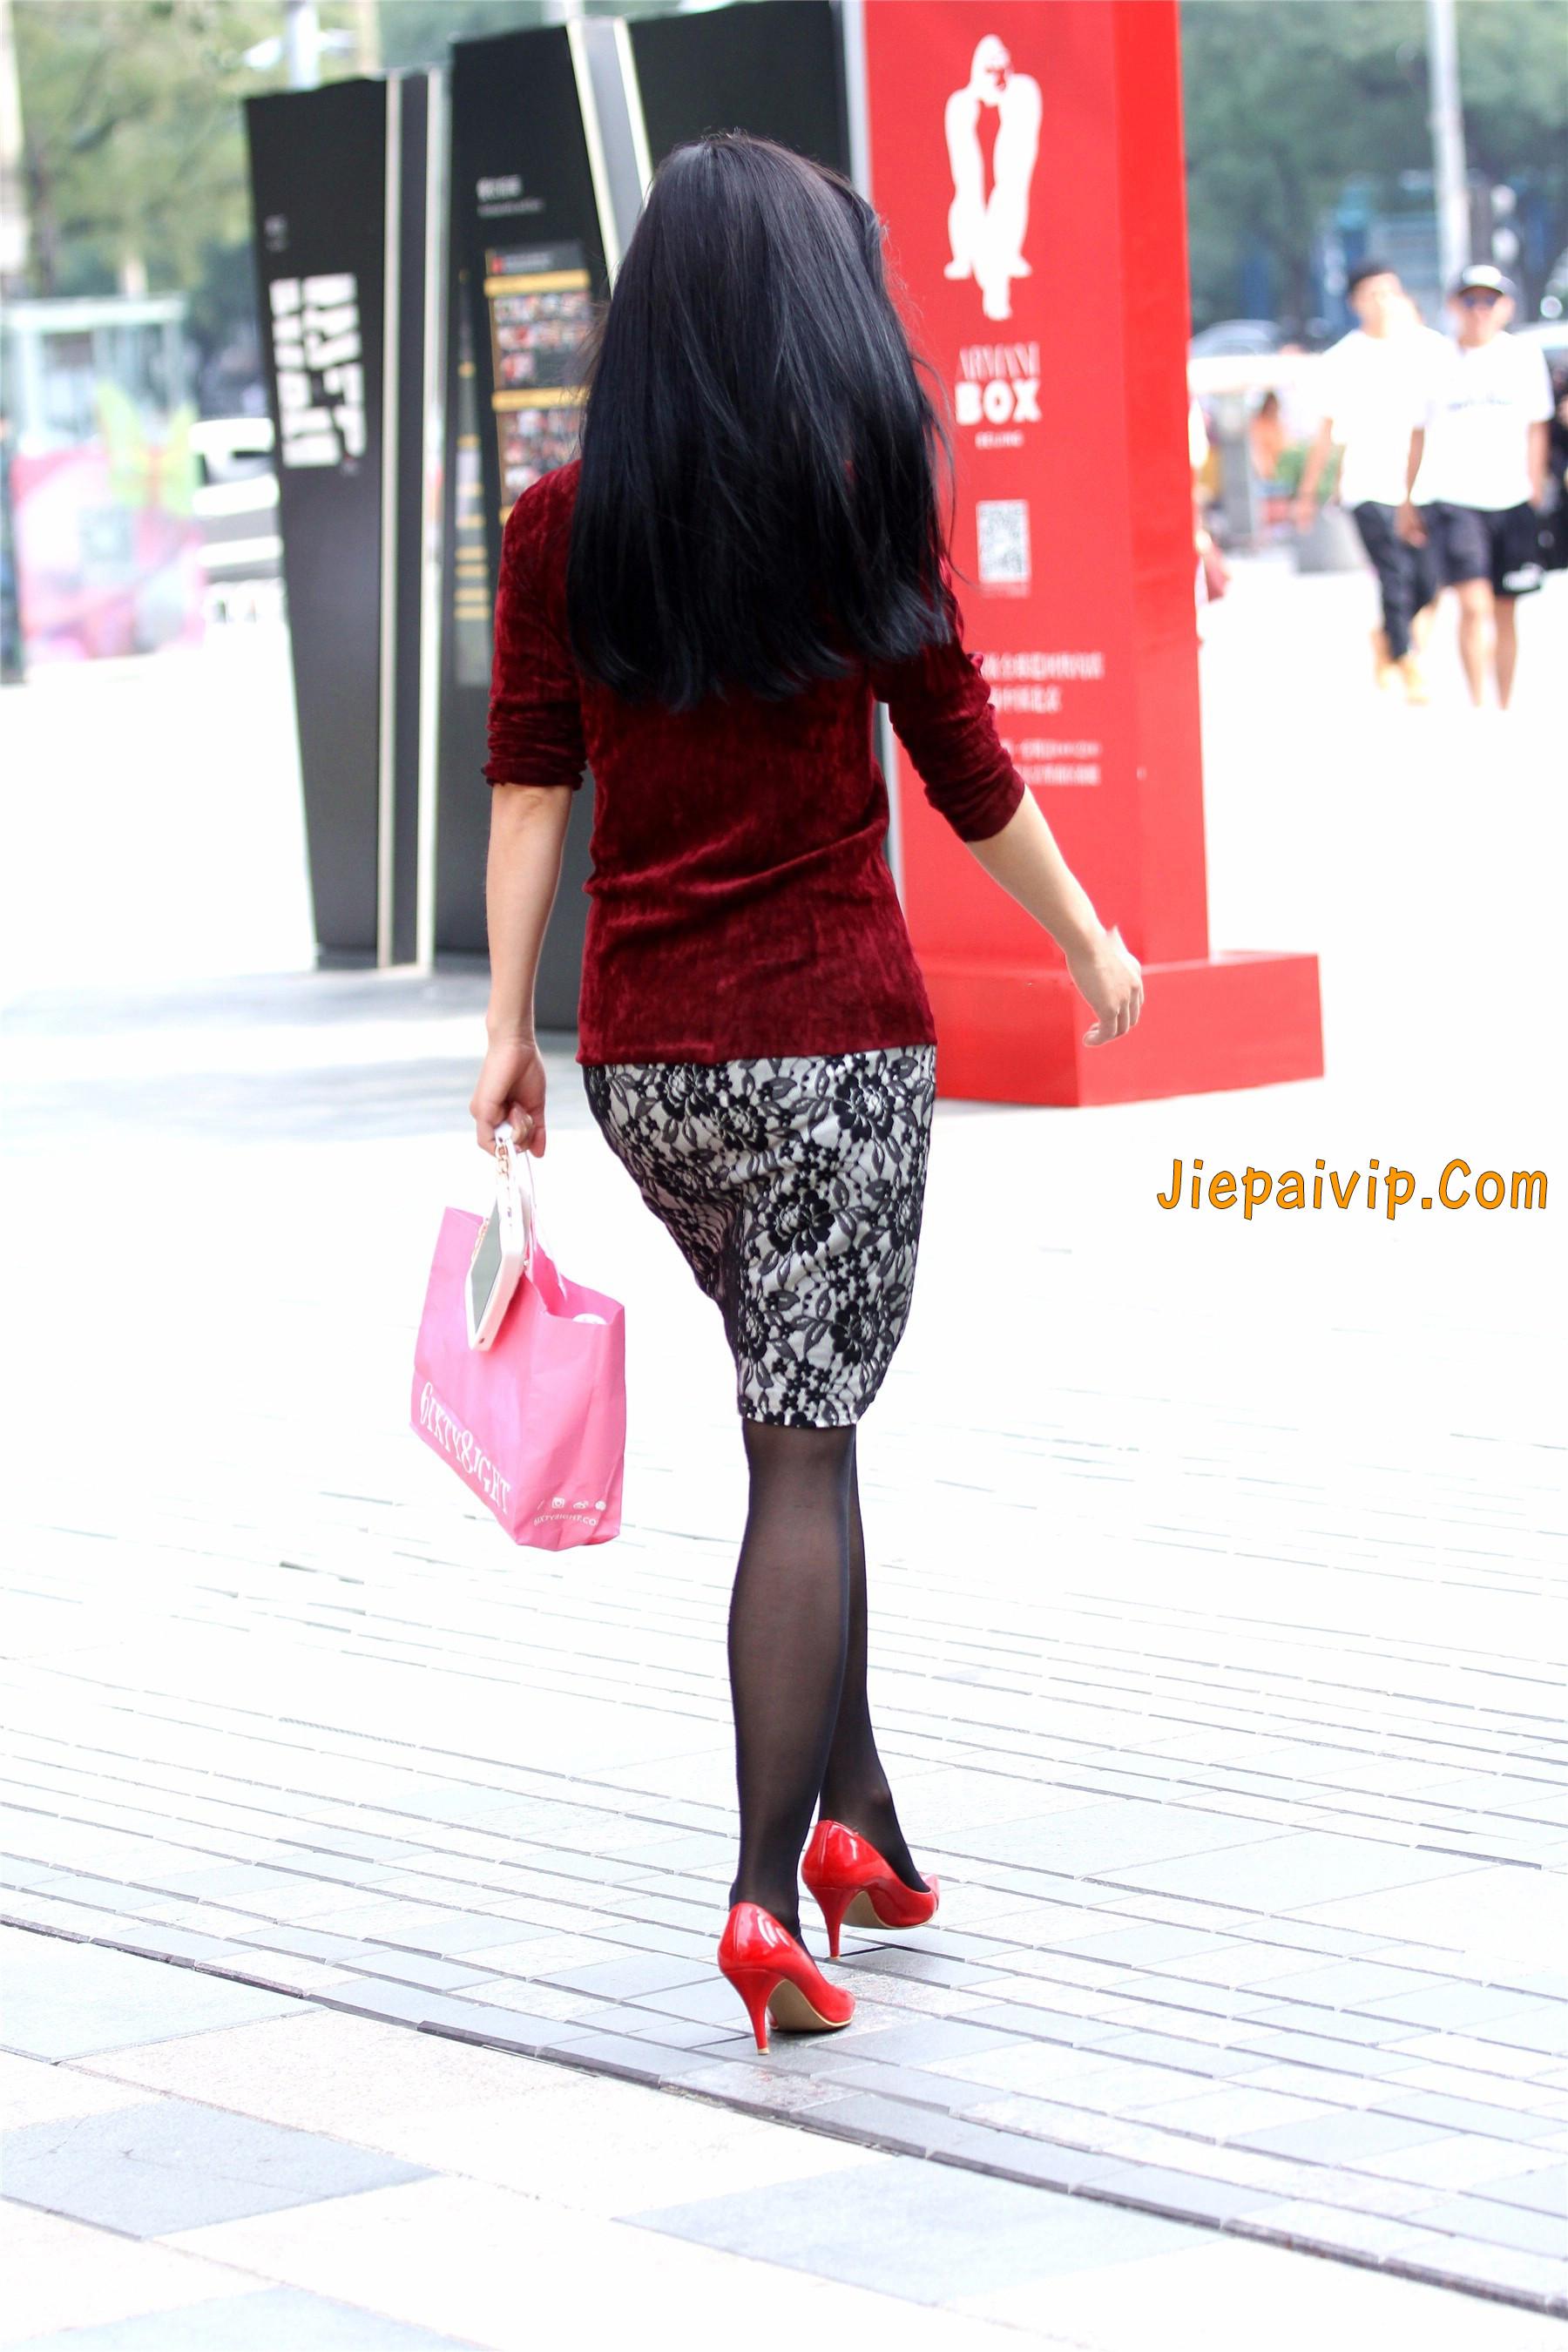 黑色丝袜红色高跟少妇9